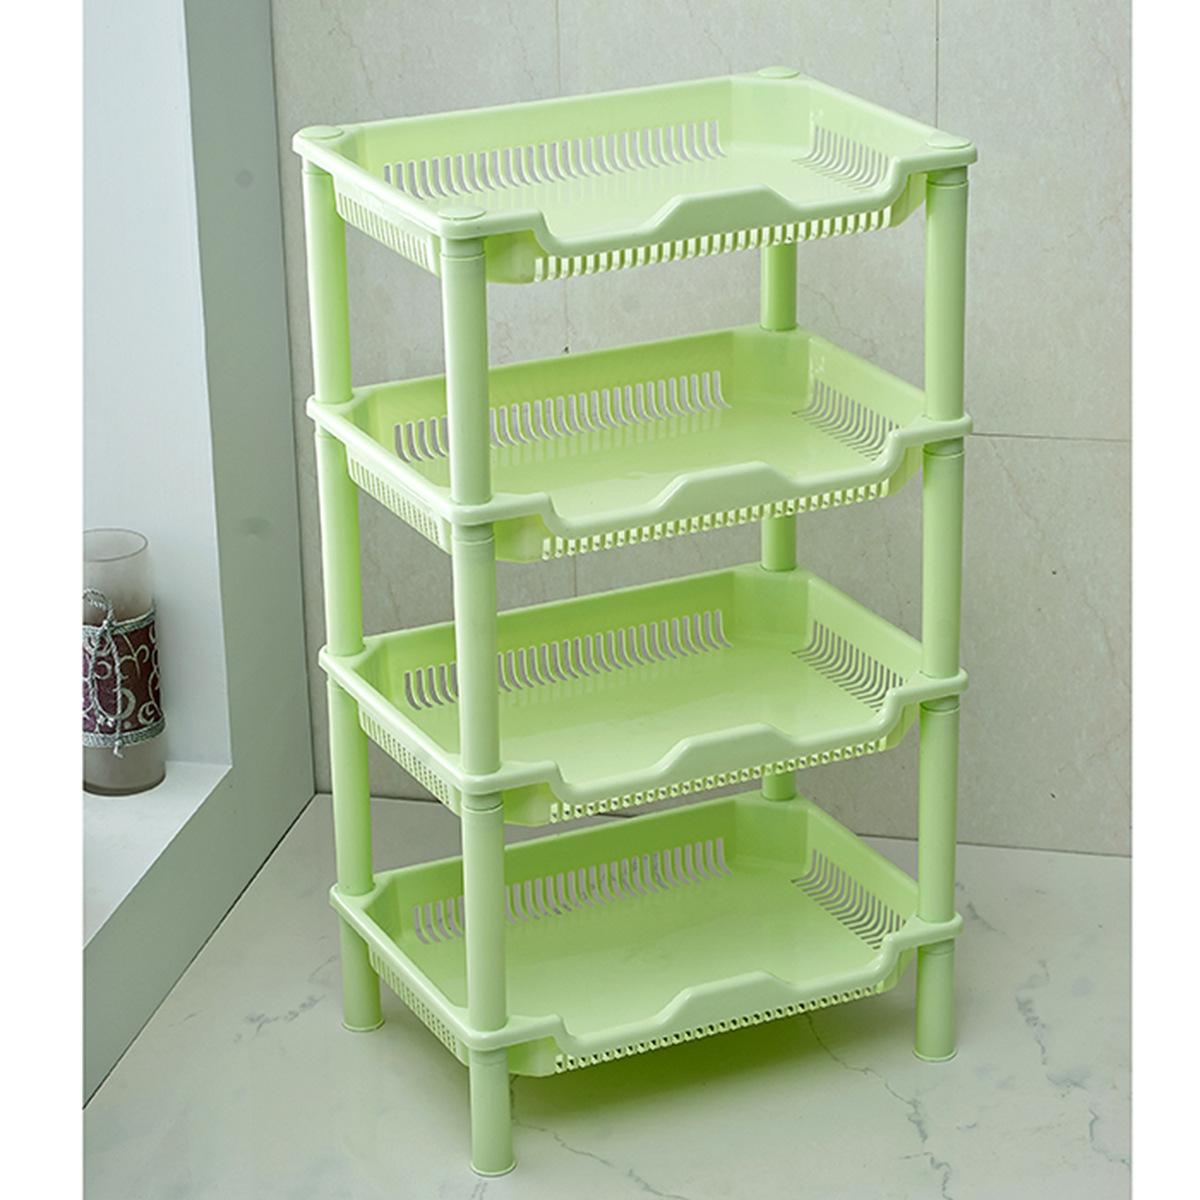 批发大号塑料置物架家居长方形四层塑料组合收纳架置物架厂家直销